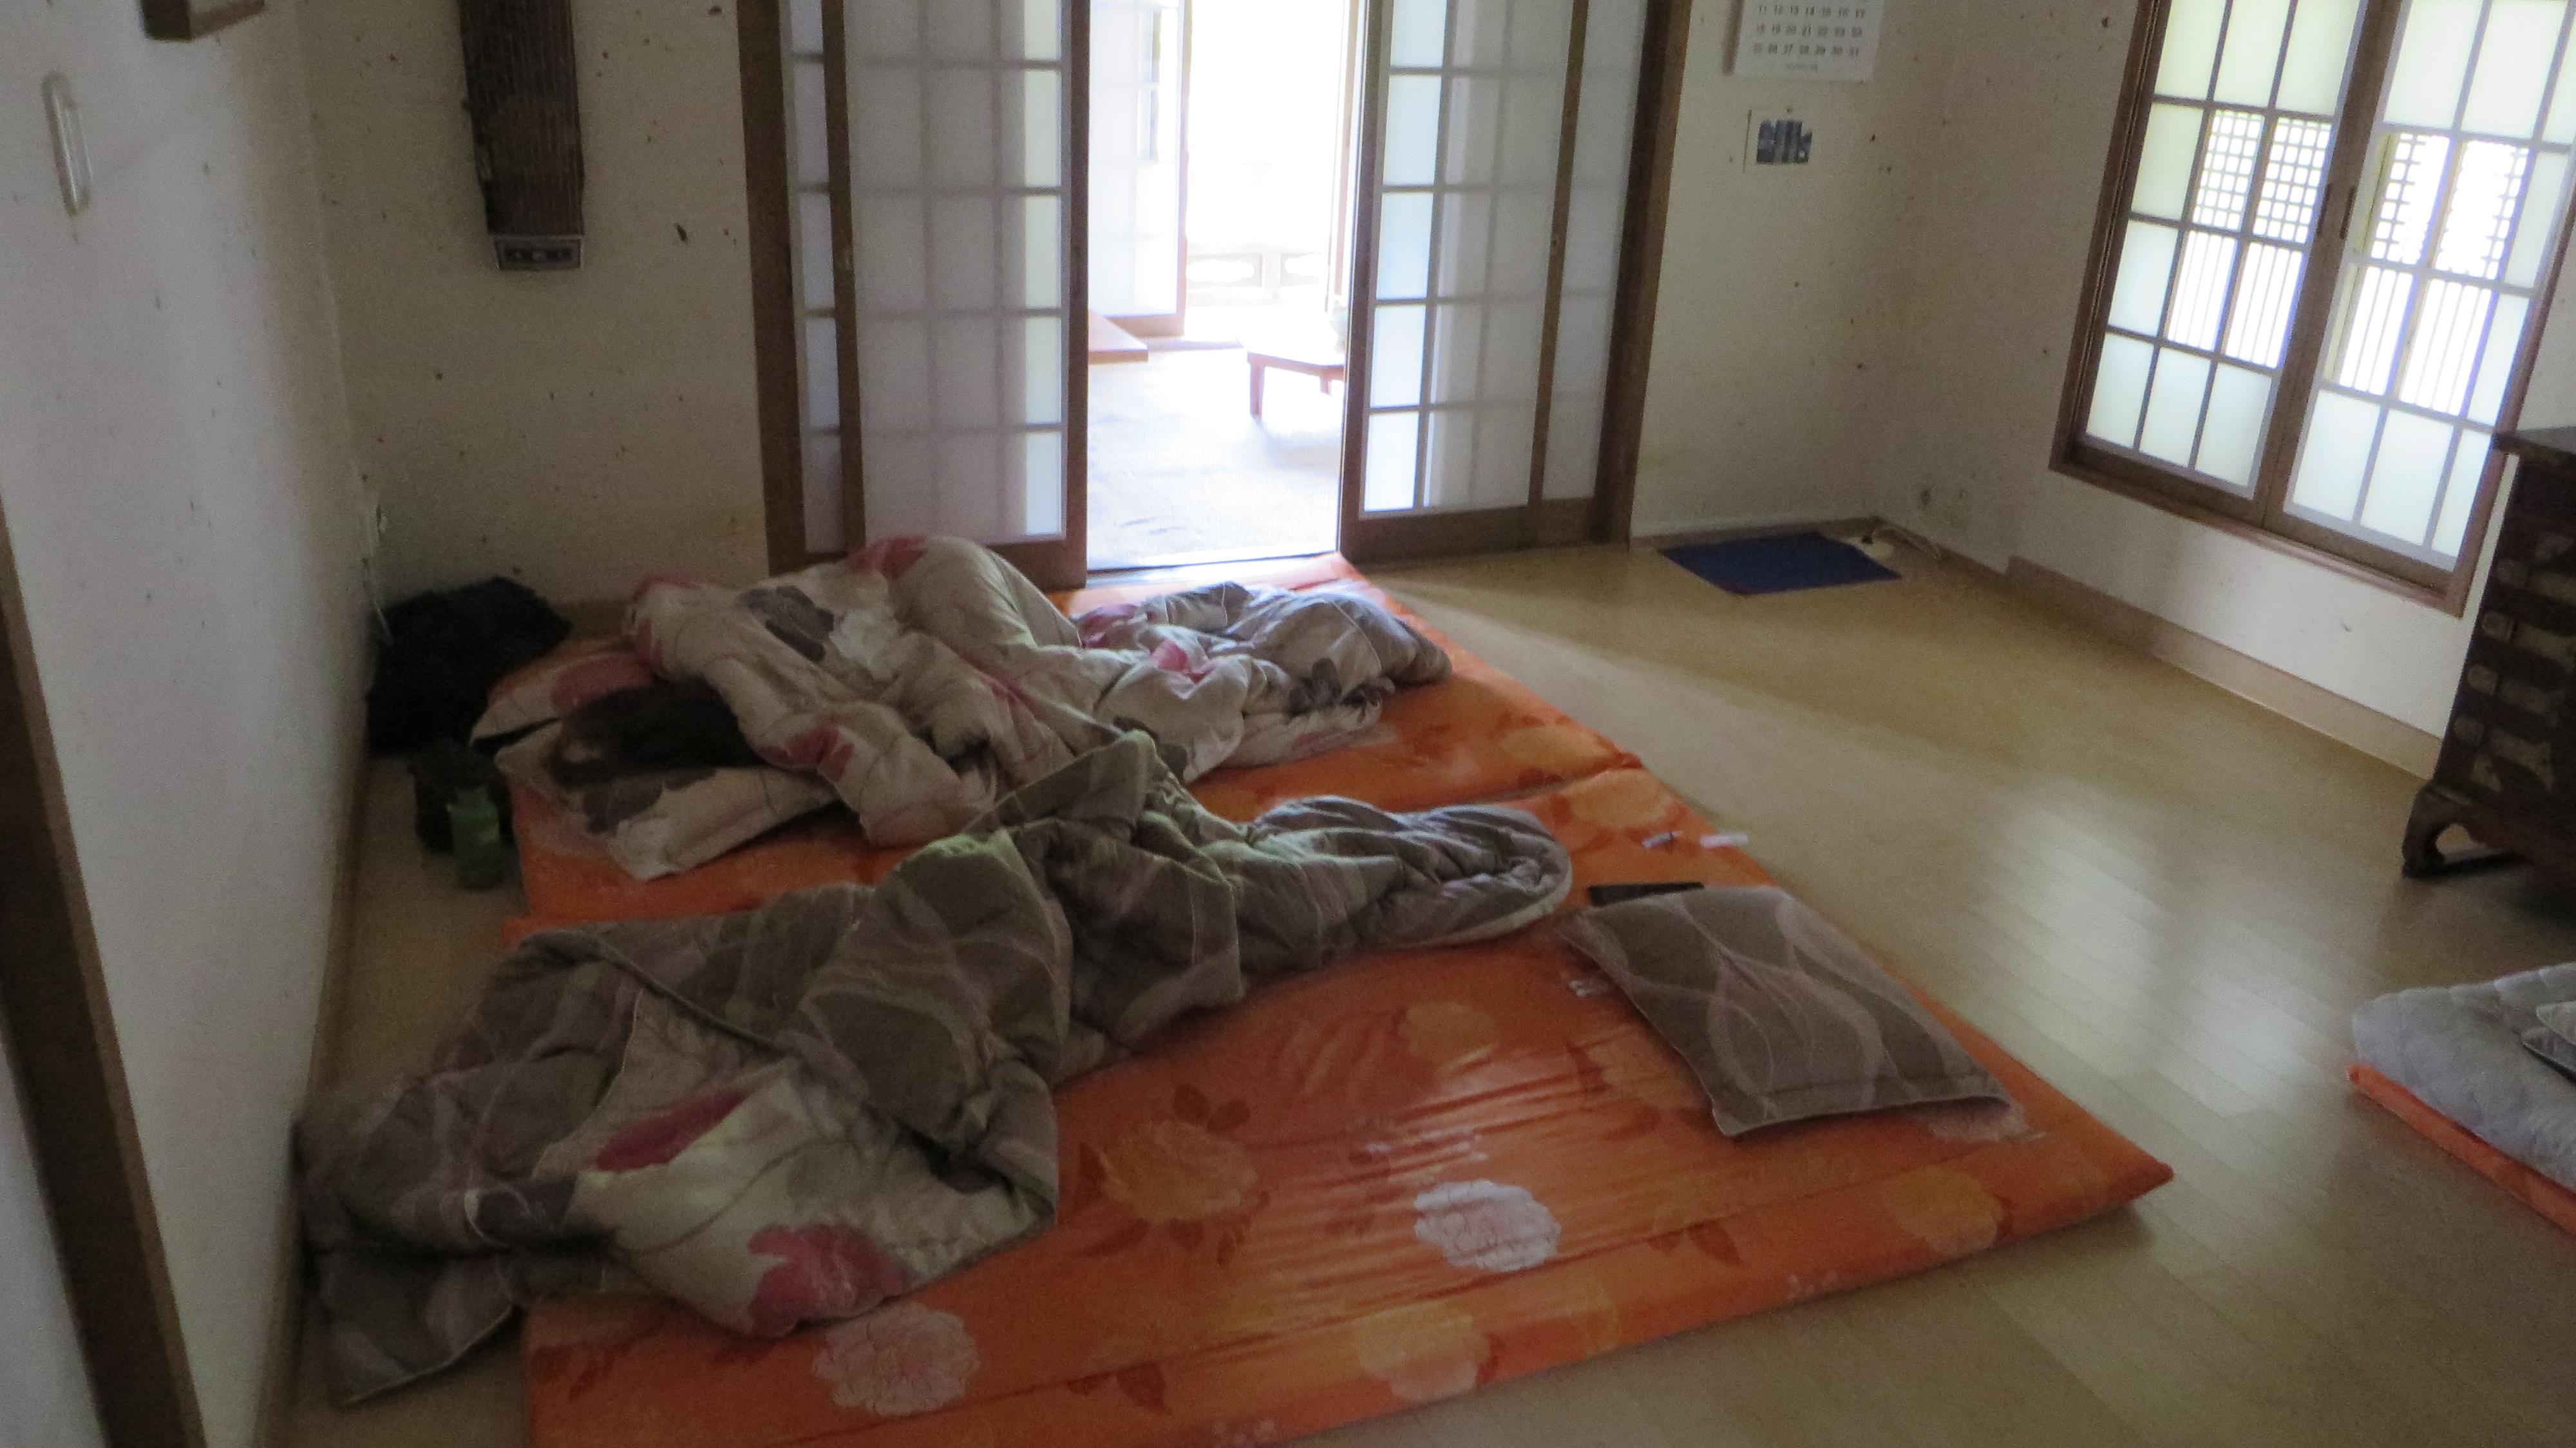 korea korean floor yo aunt beds sleeping southwest trip side uncle force air